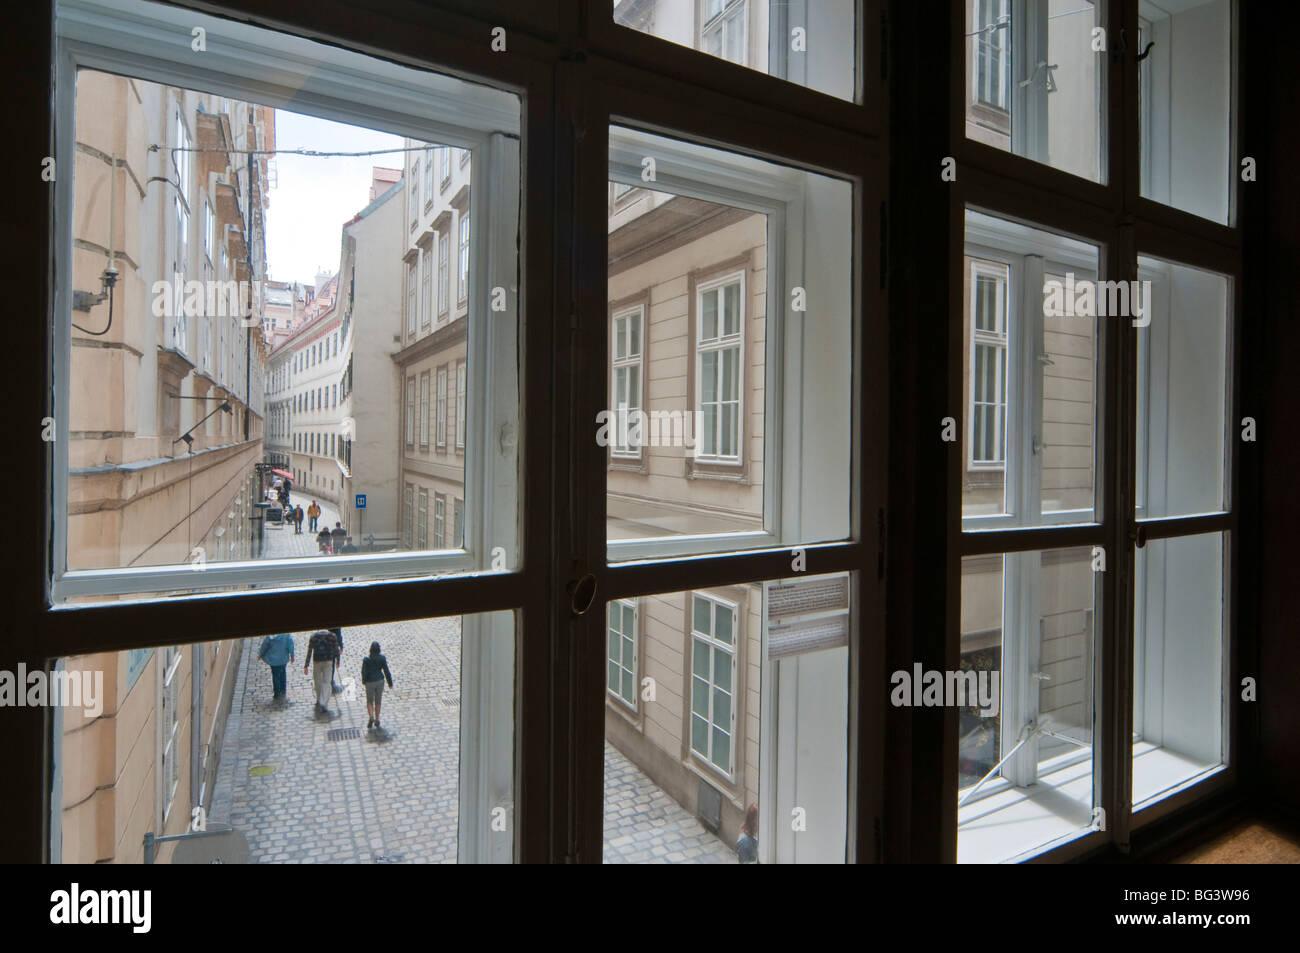 Blick durch Fenster in Altstadtgasse, Wien, Österreich   old town, Vienna, Austria - Stock Image